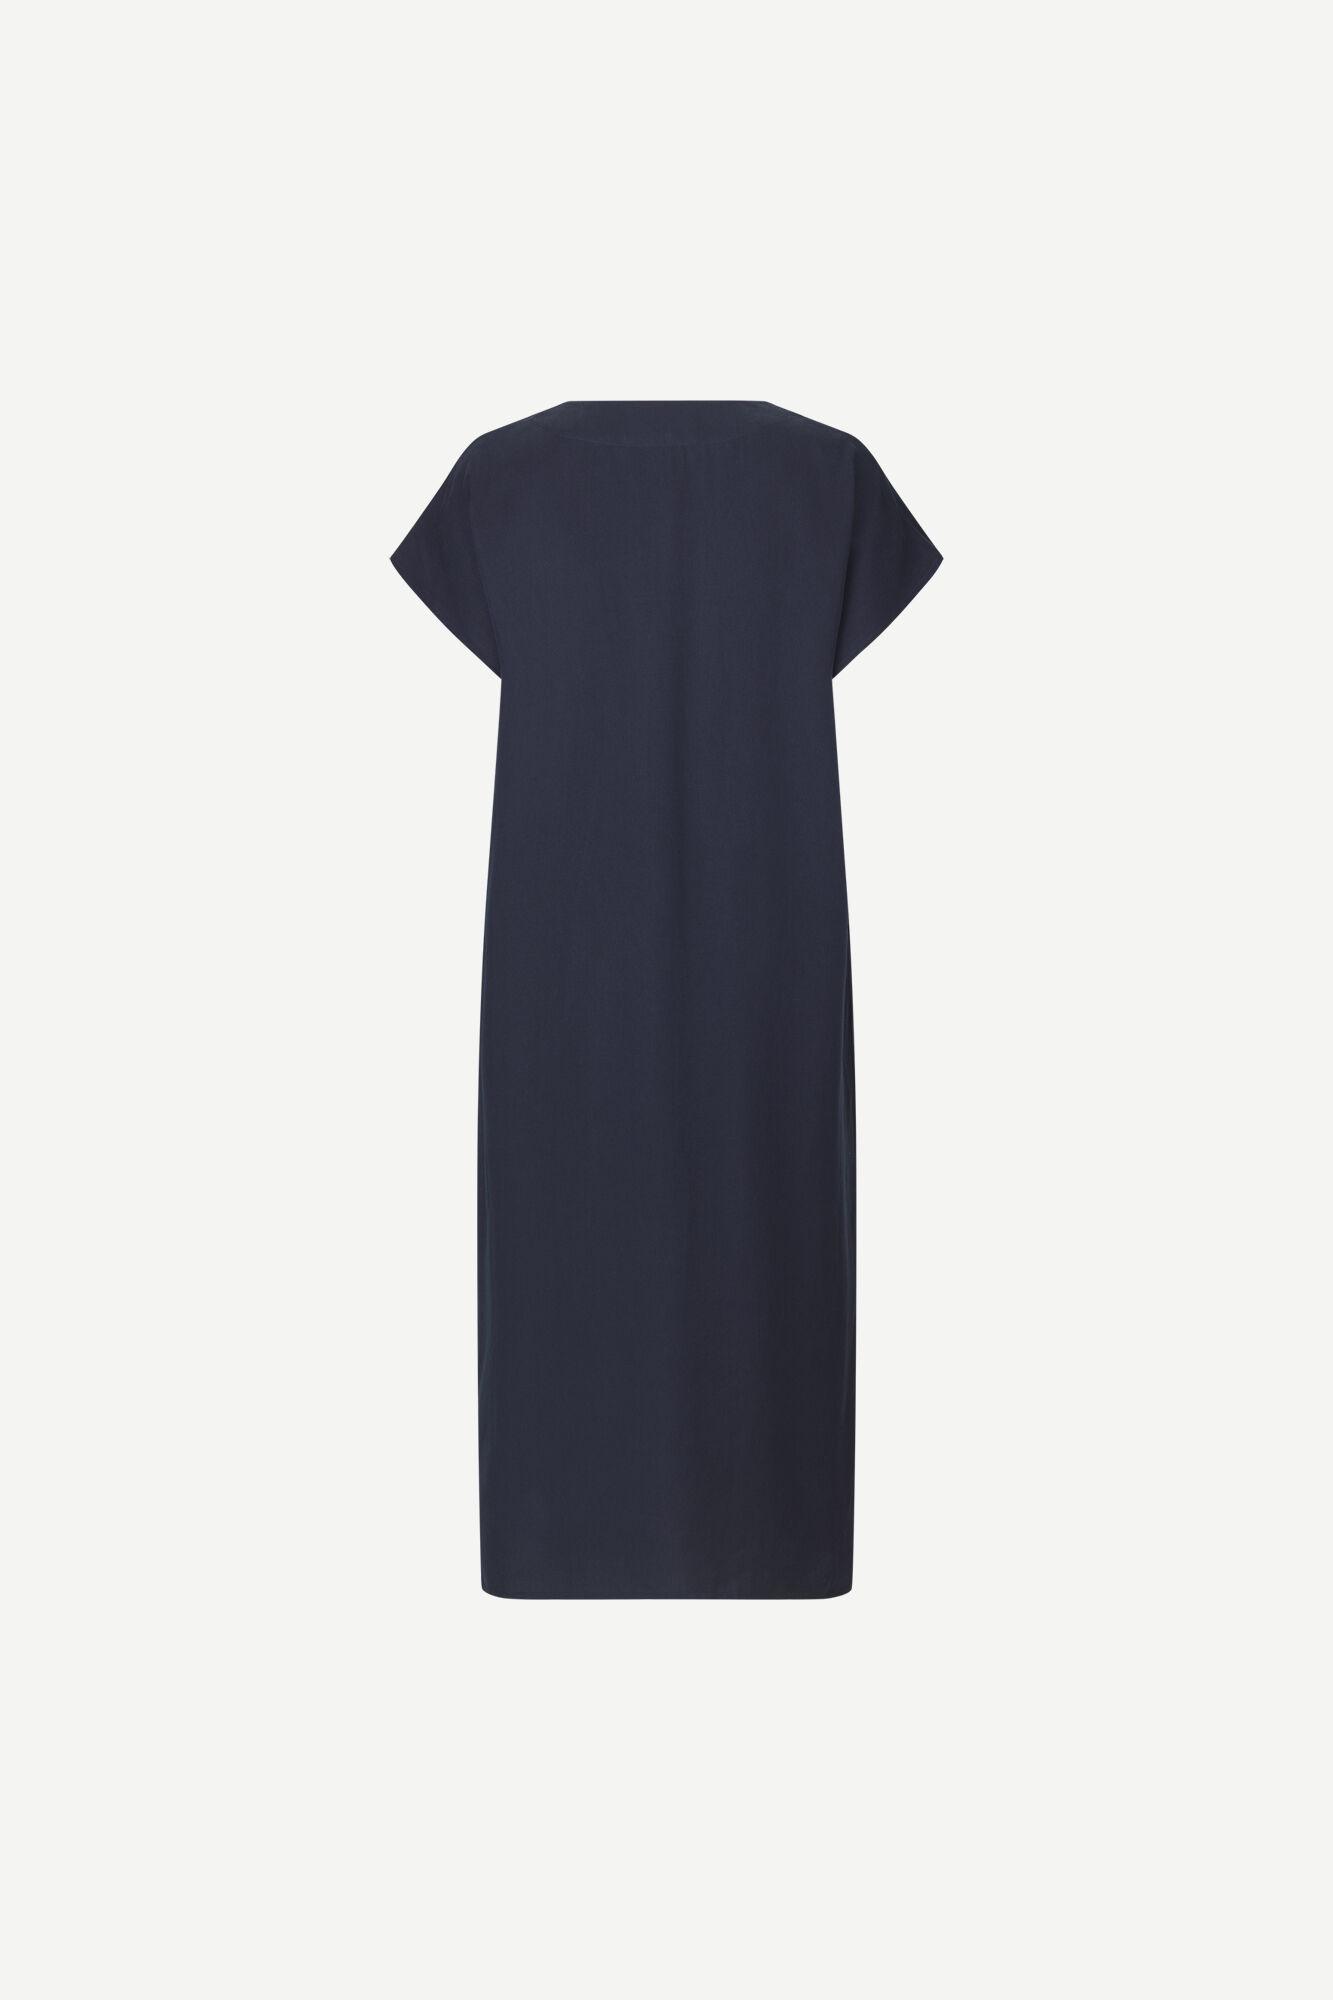 Himill ss dress 14028